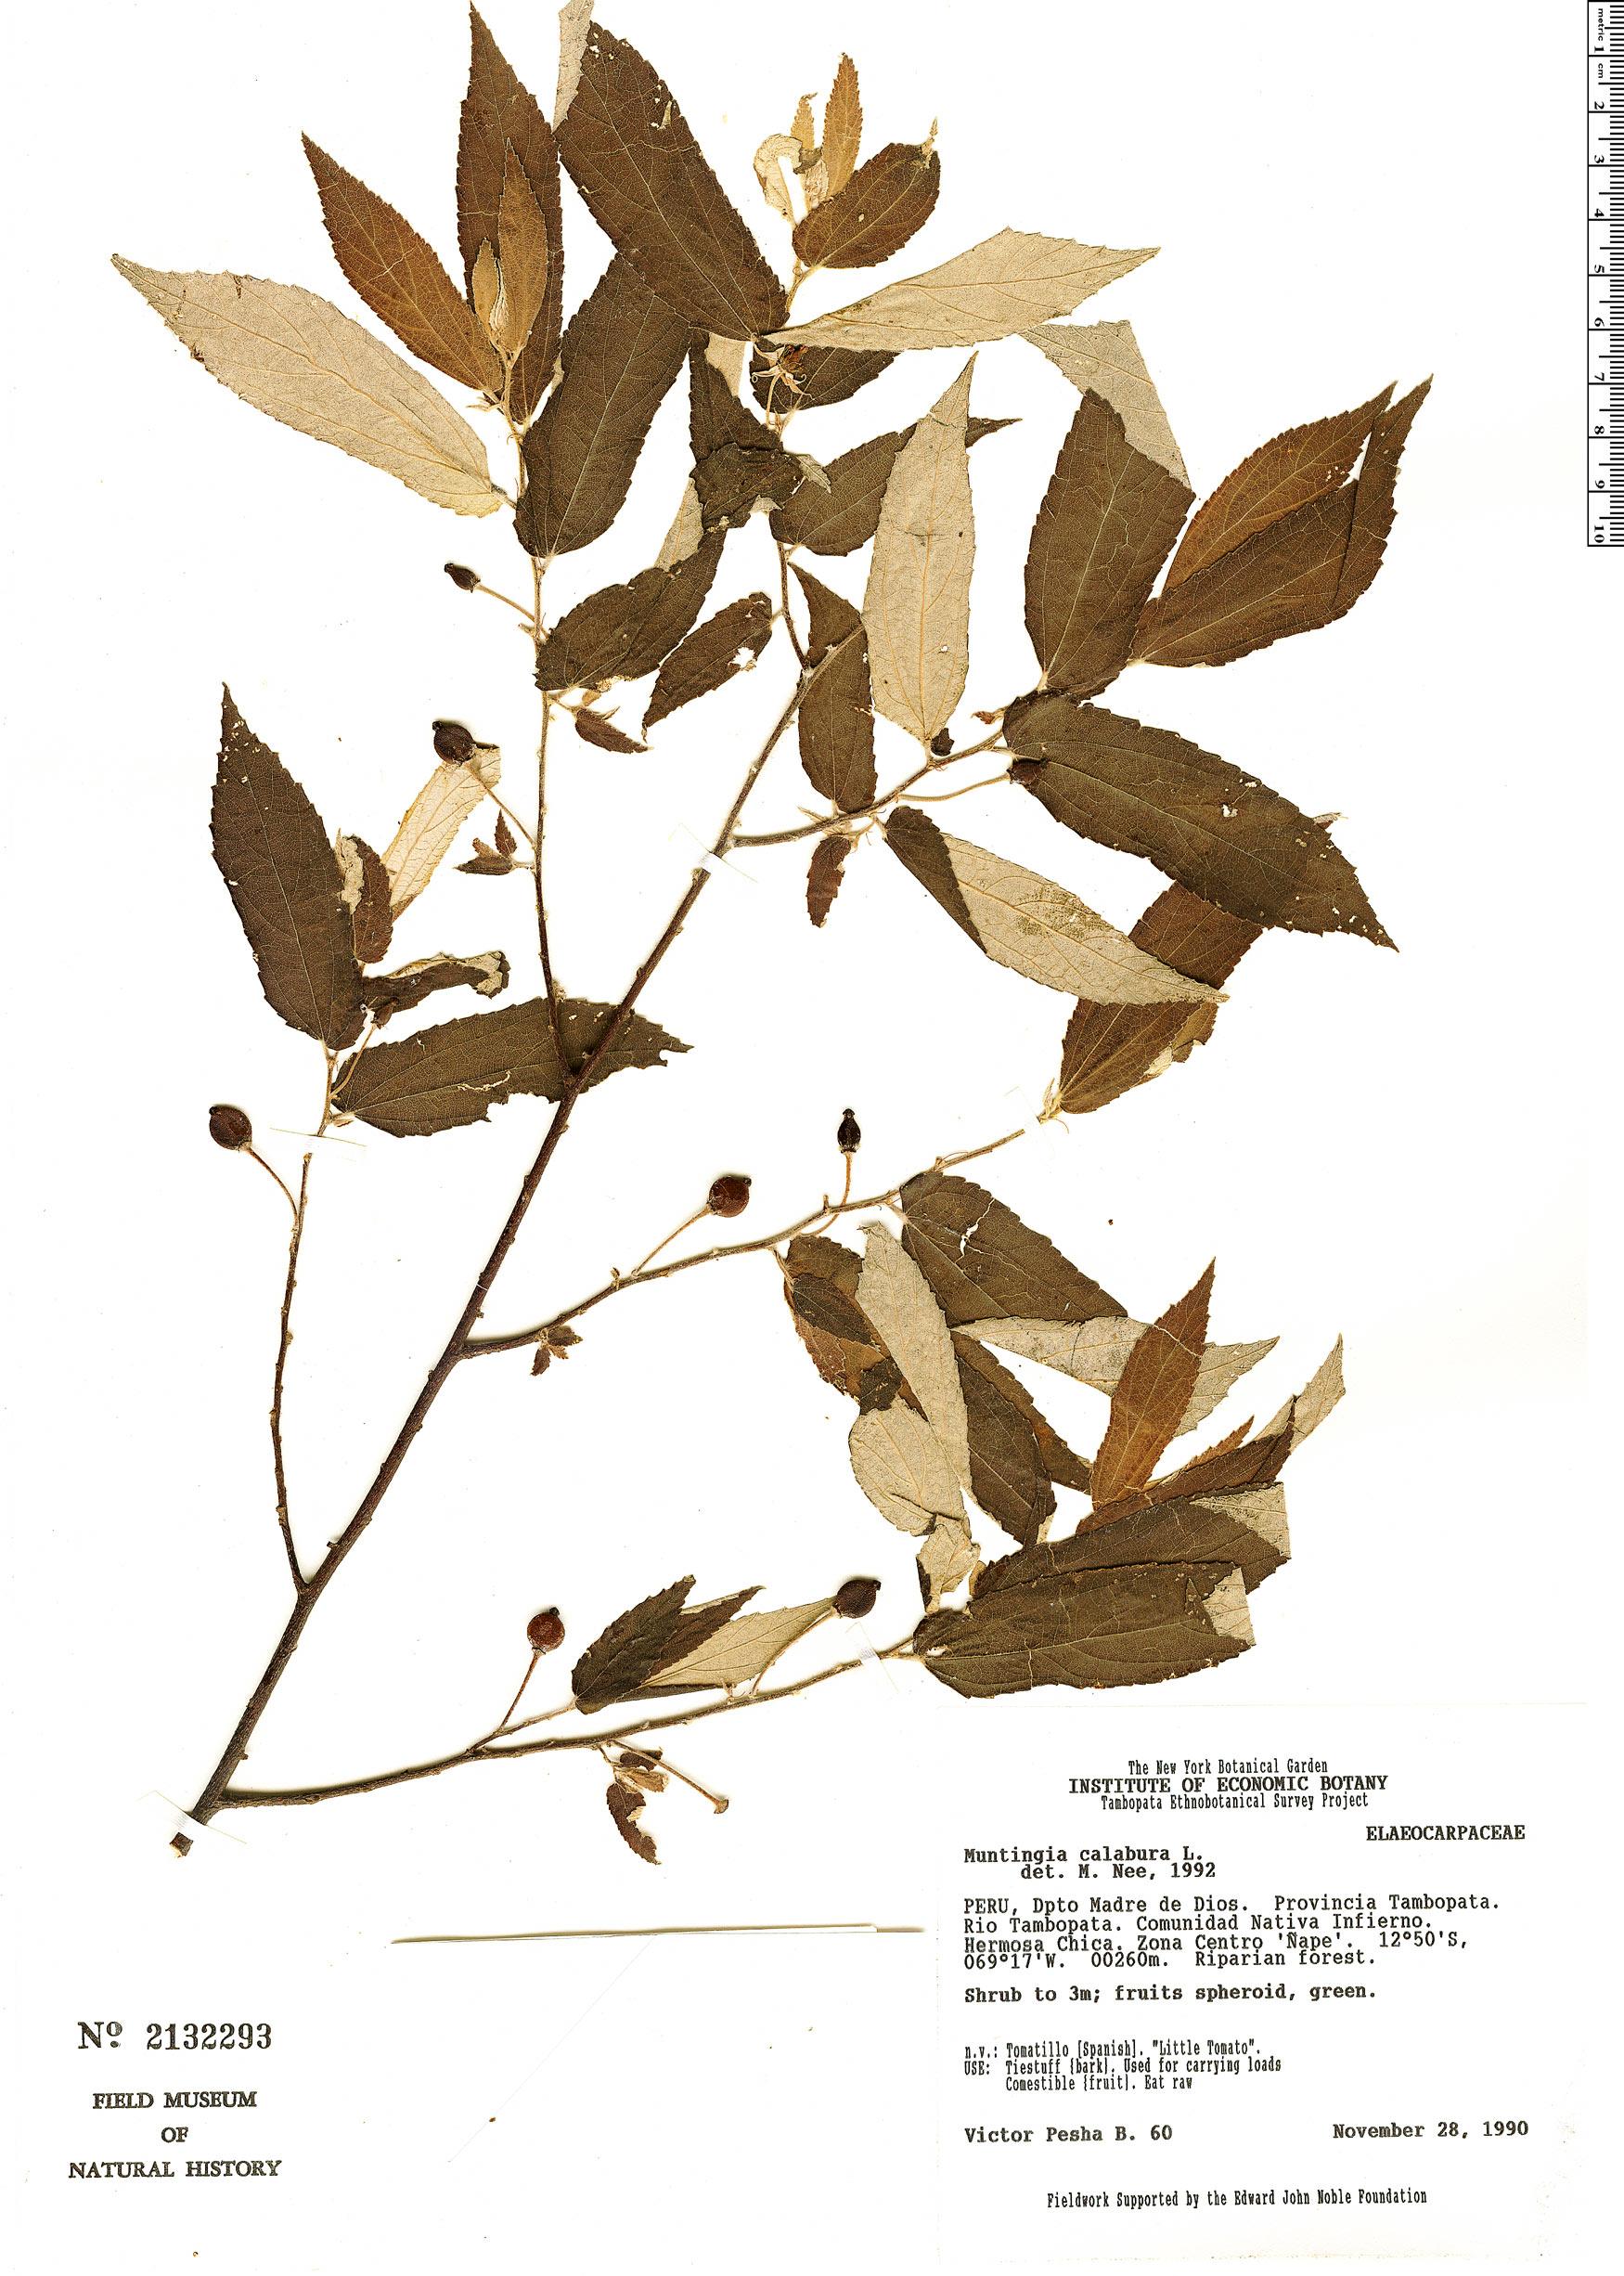 Specimen: Muntingia calabura